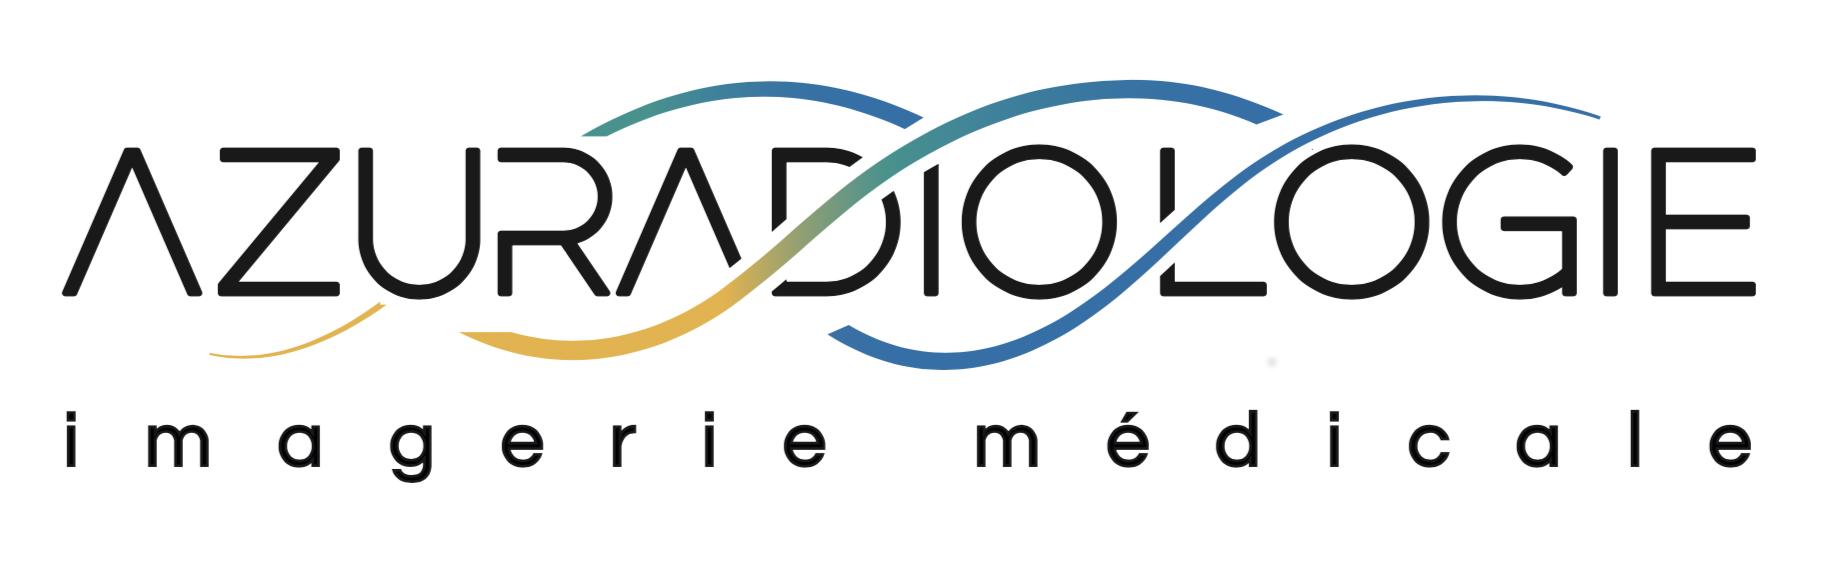 AzuRadiologie - Le groupe AzuRadiologie est un ensemble de 6 cabinets proposant 5 spécialités d'imagerie et de radiologie à Nice.